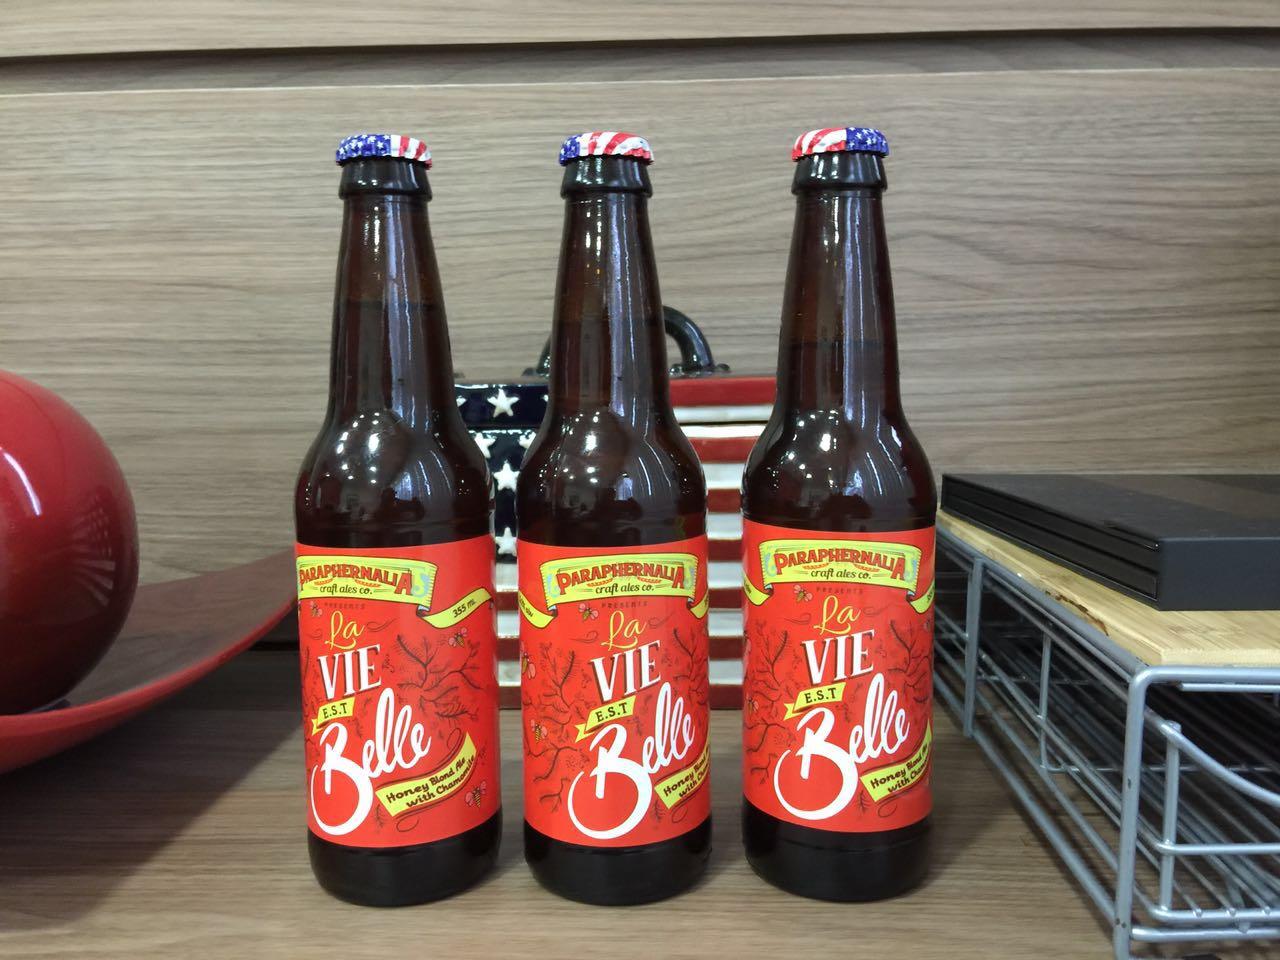 La Vie est Belle é uma American Blonde Ale produzida pela Paraphernália Craft Ales, com sede na cidade de Albany (Foto: Divulgação)